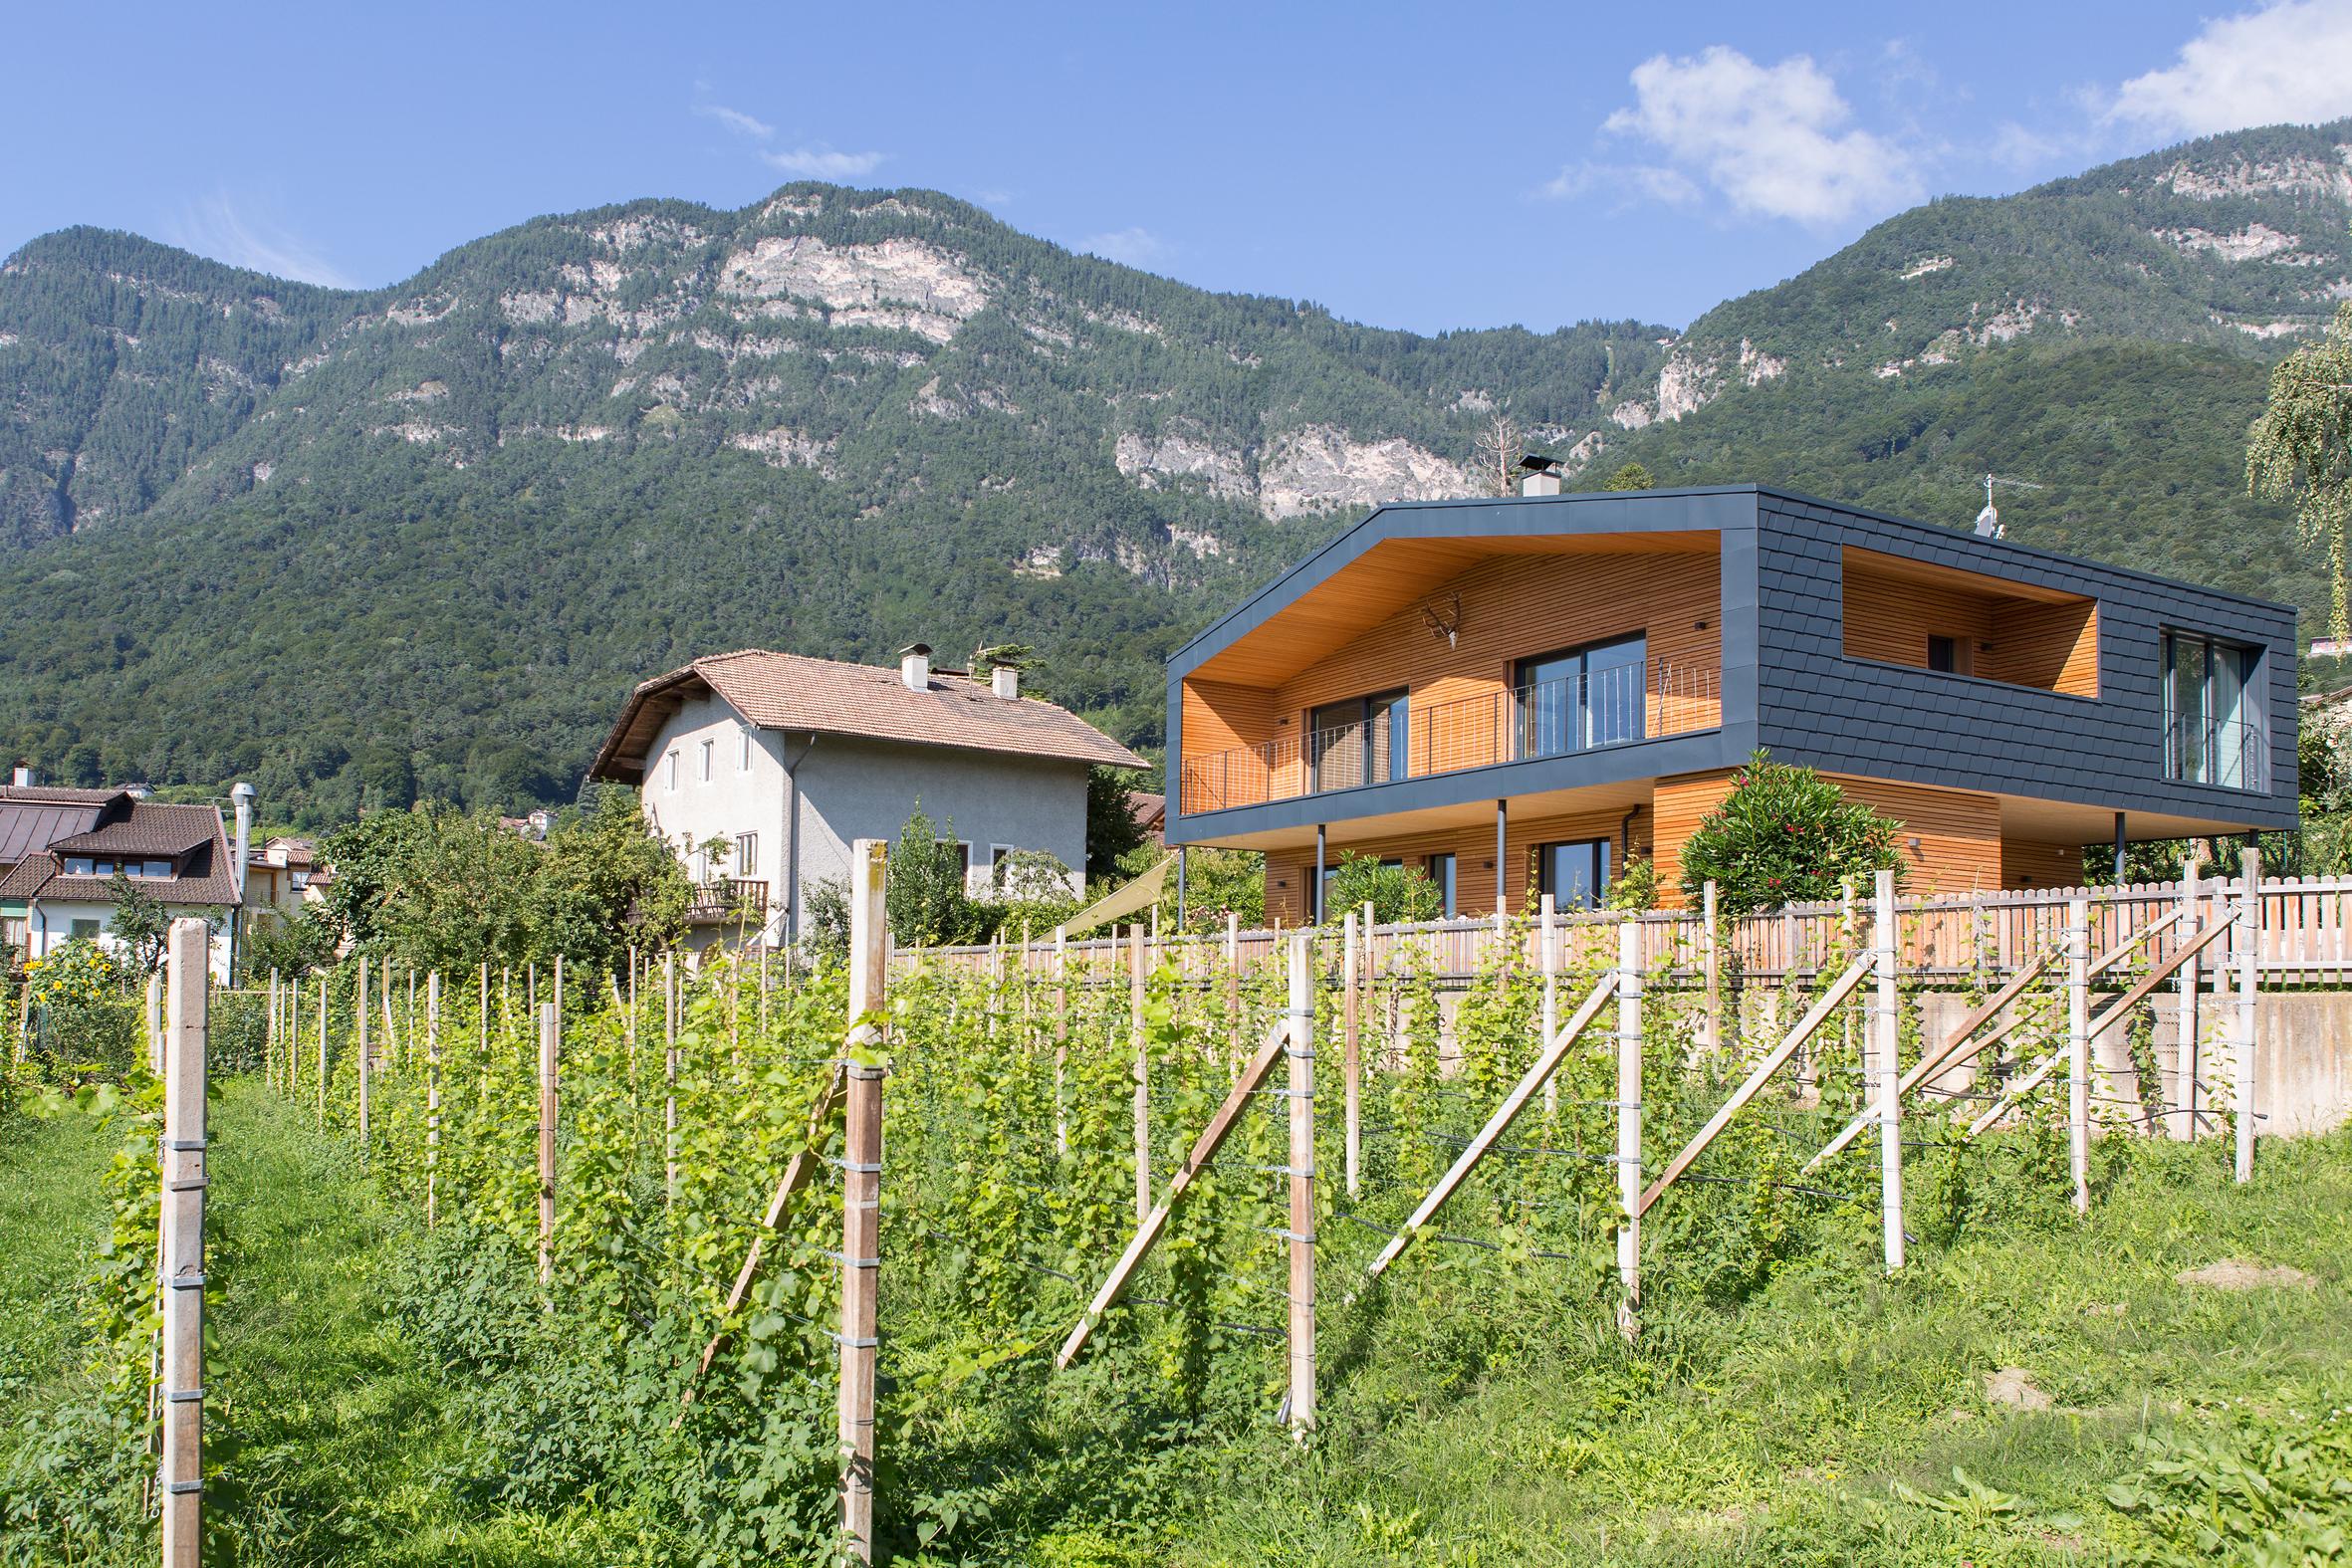 Casa kato l abitazione cambia volto progetto di ampliamento e ristrutturazione di una villetta - Ampliamento casa ...